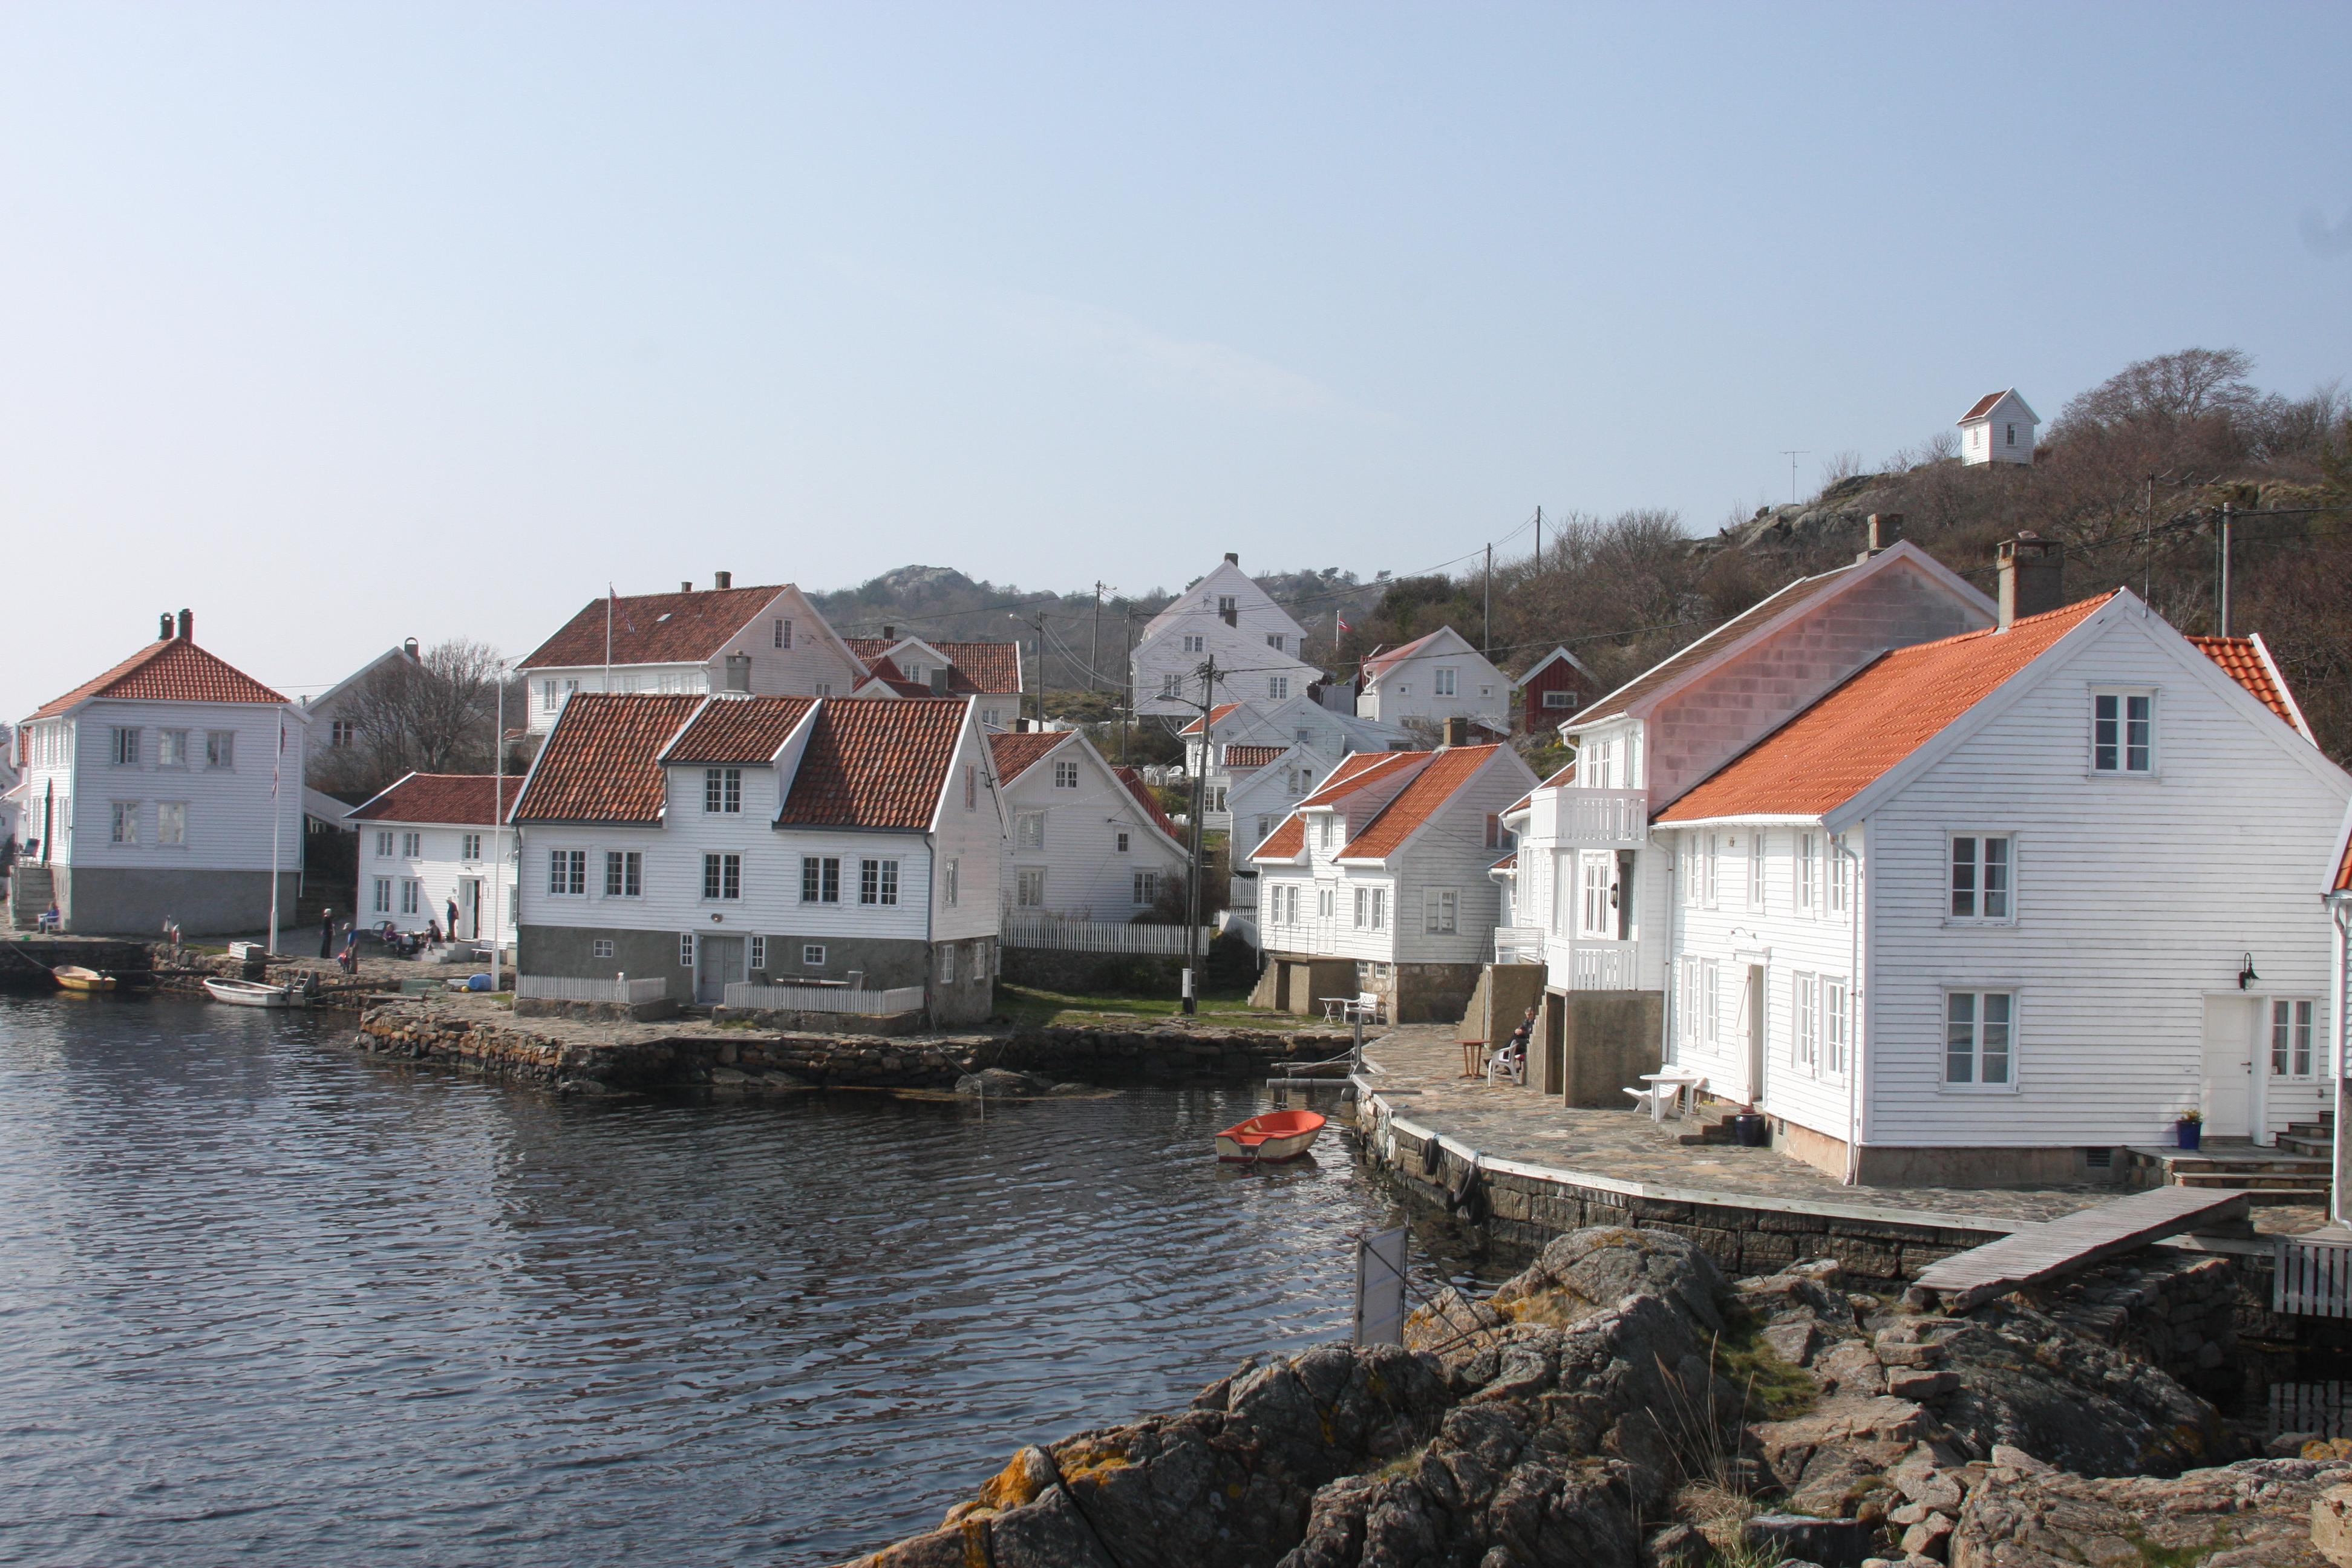 norske datingsider gratis Farsund